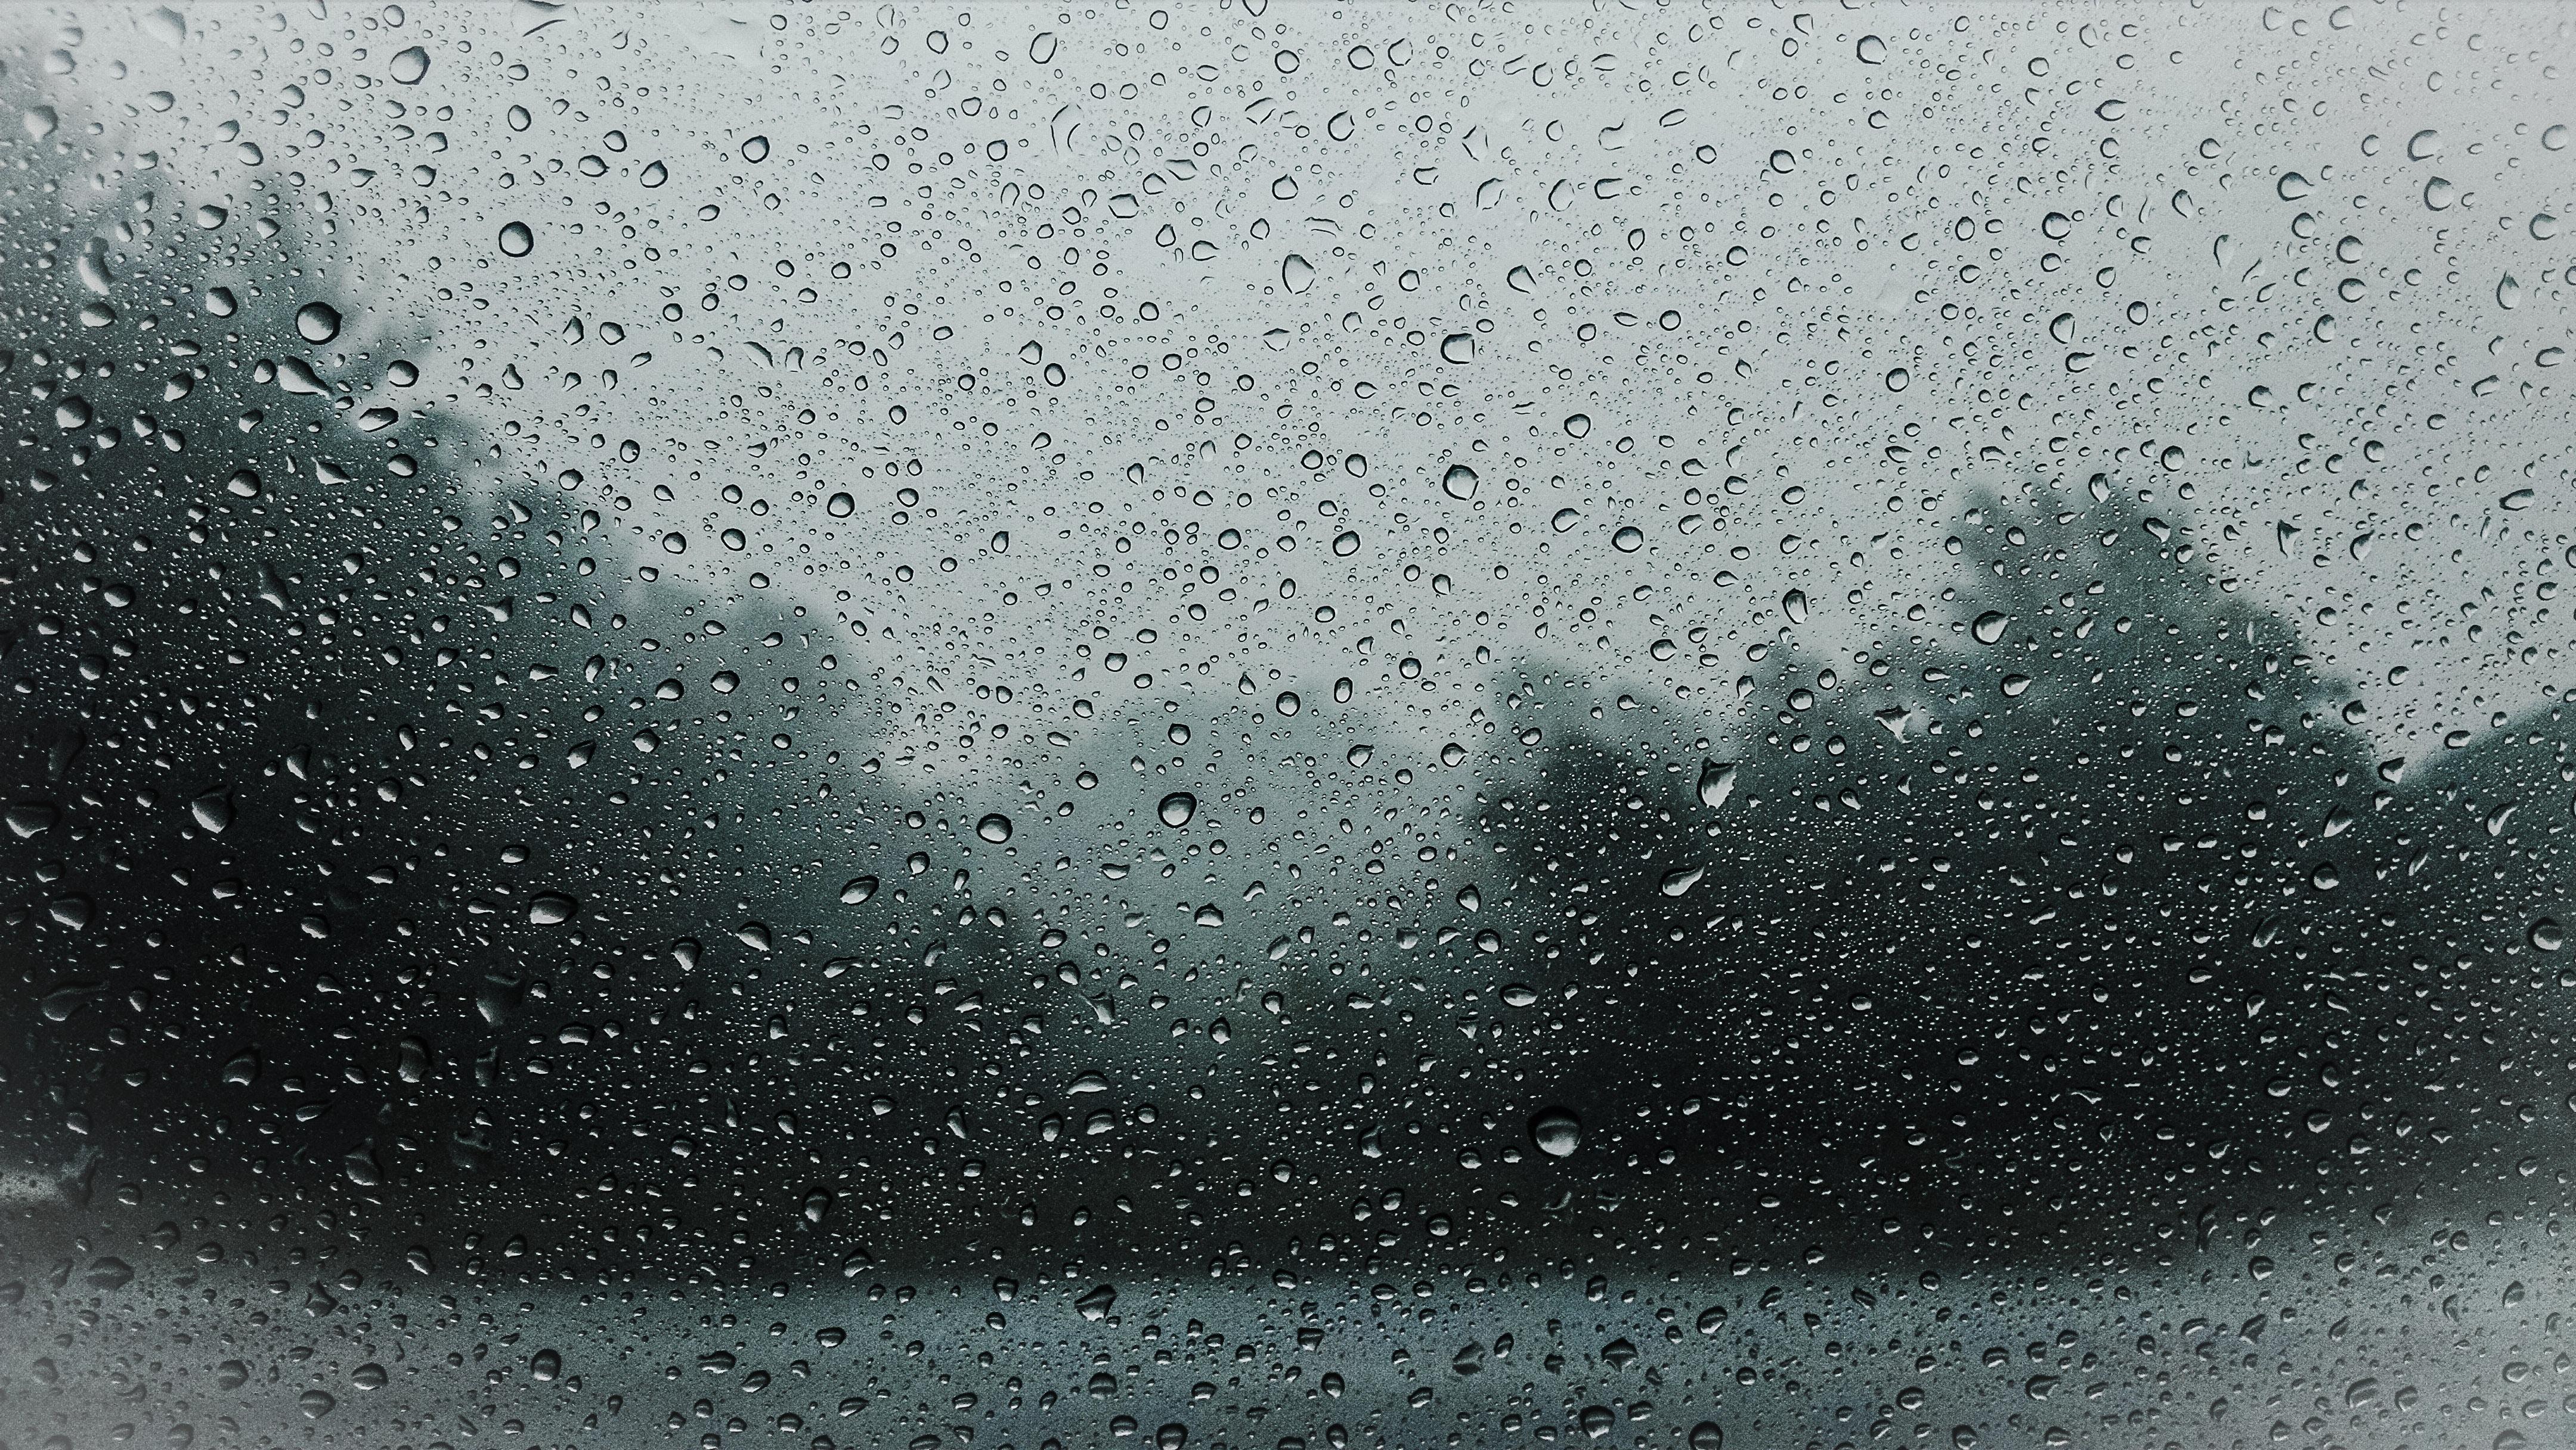 151249 Hintergrundbild herunterladen Regen, Drops, Makro, Nass, Glas, Feucht - Bildschirmschoner und Bilder kostenlos